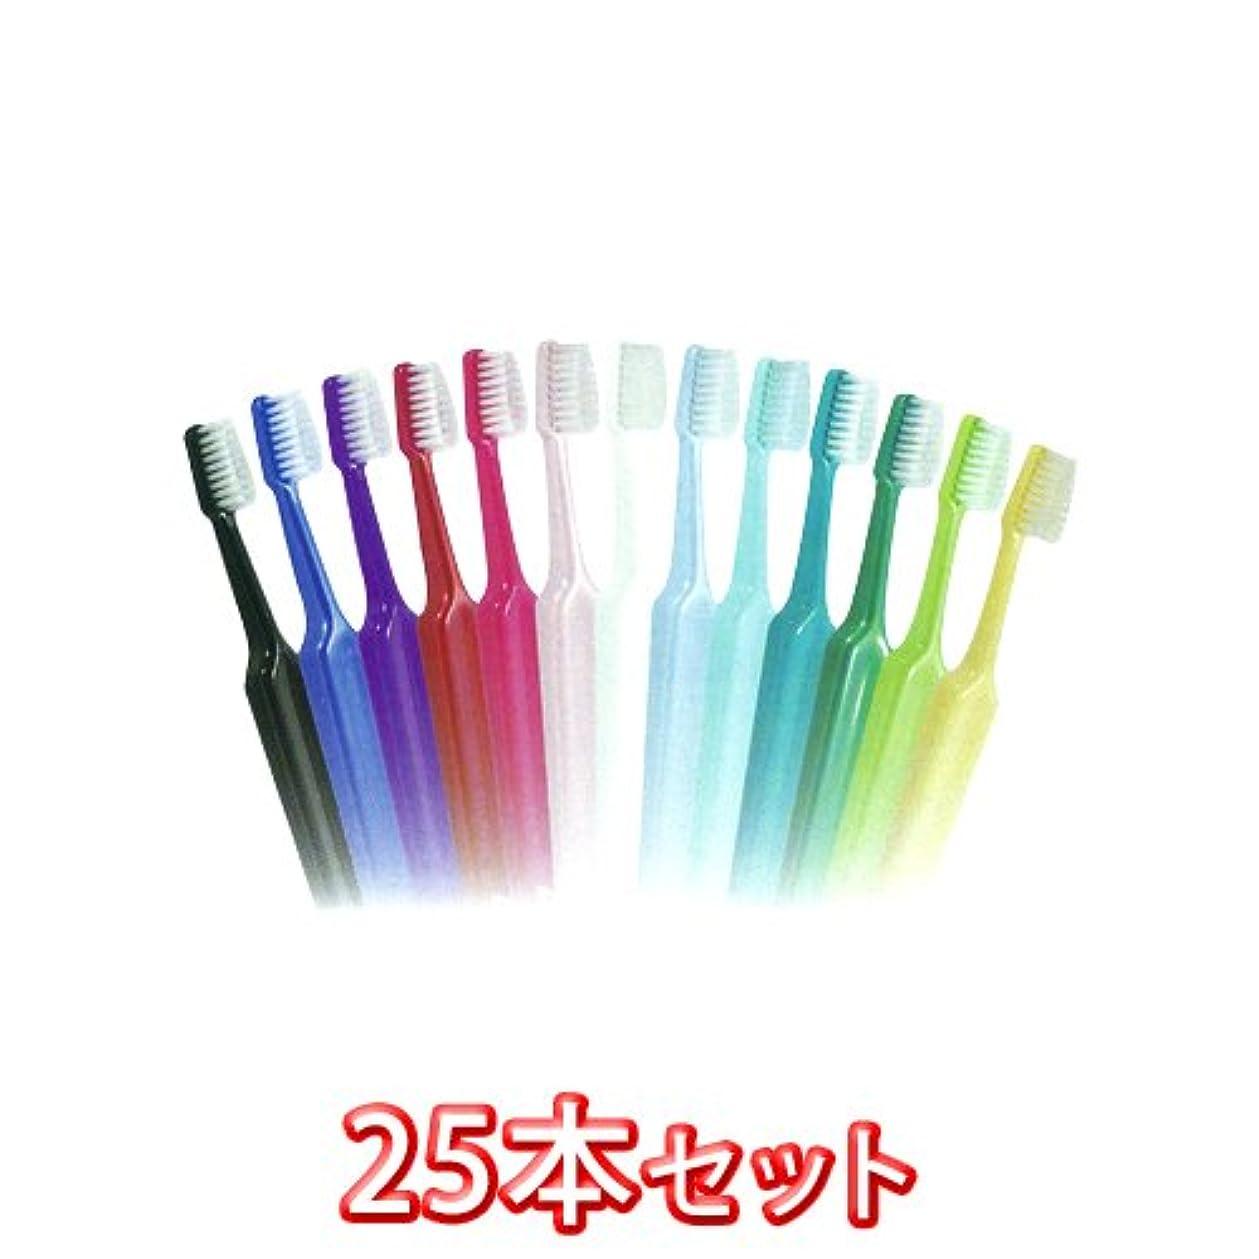 オーバードロー深さ呪われたTePeテペセレクトコンパクト歯ブラシ 25本(コンパクトミディアム)